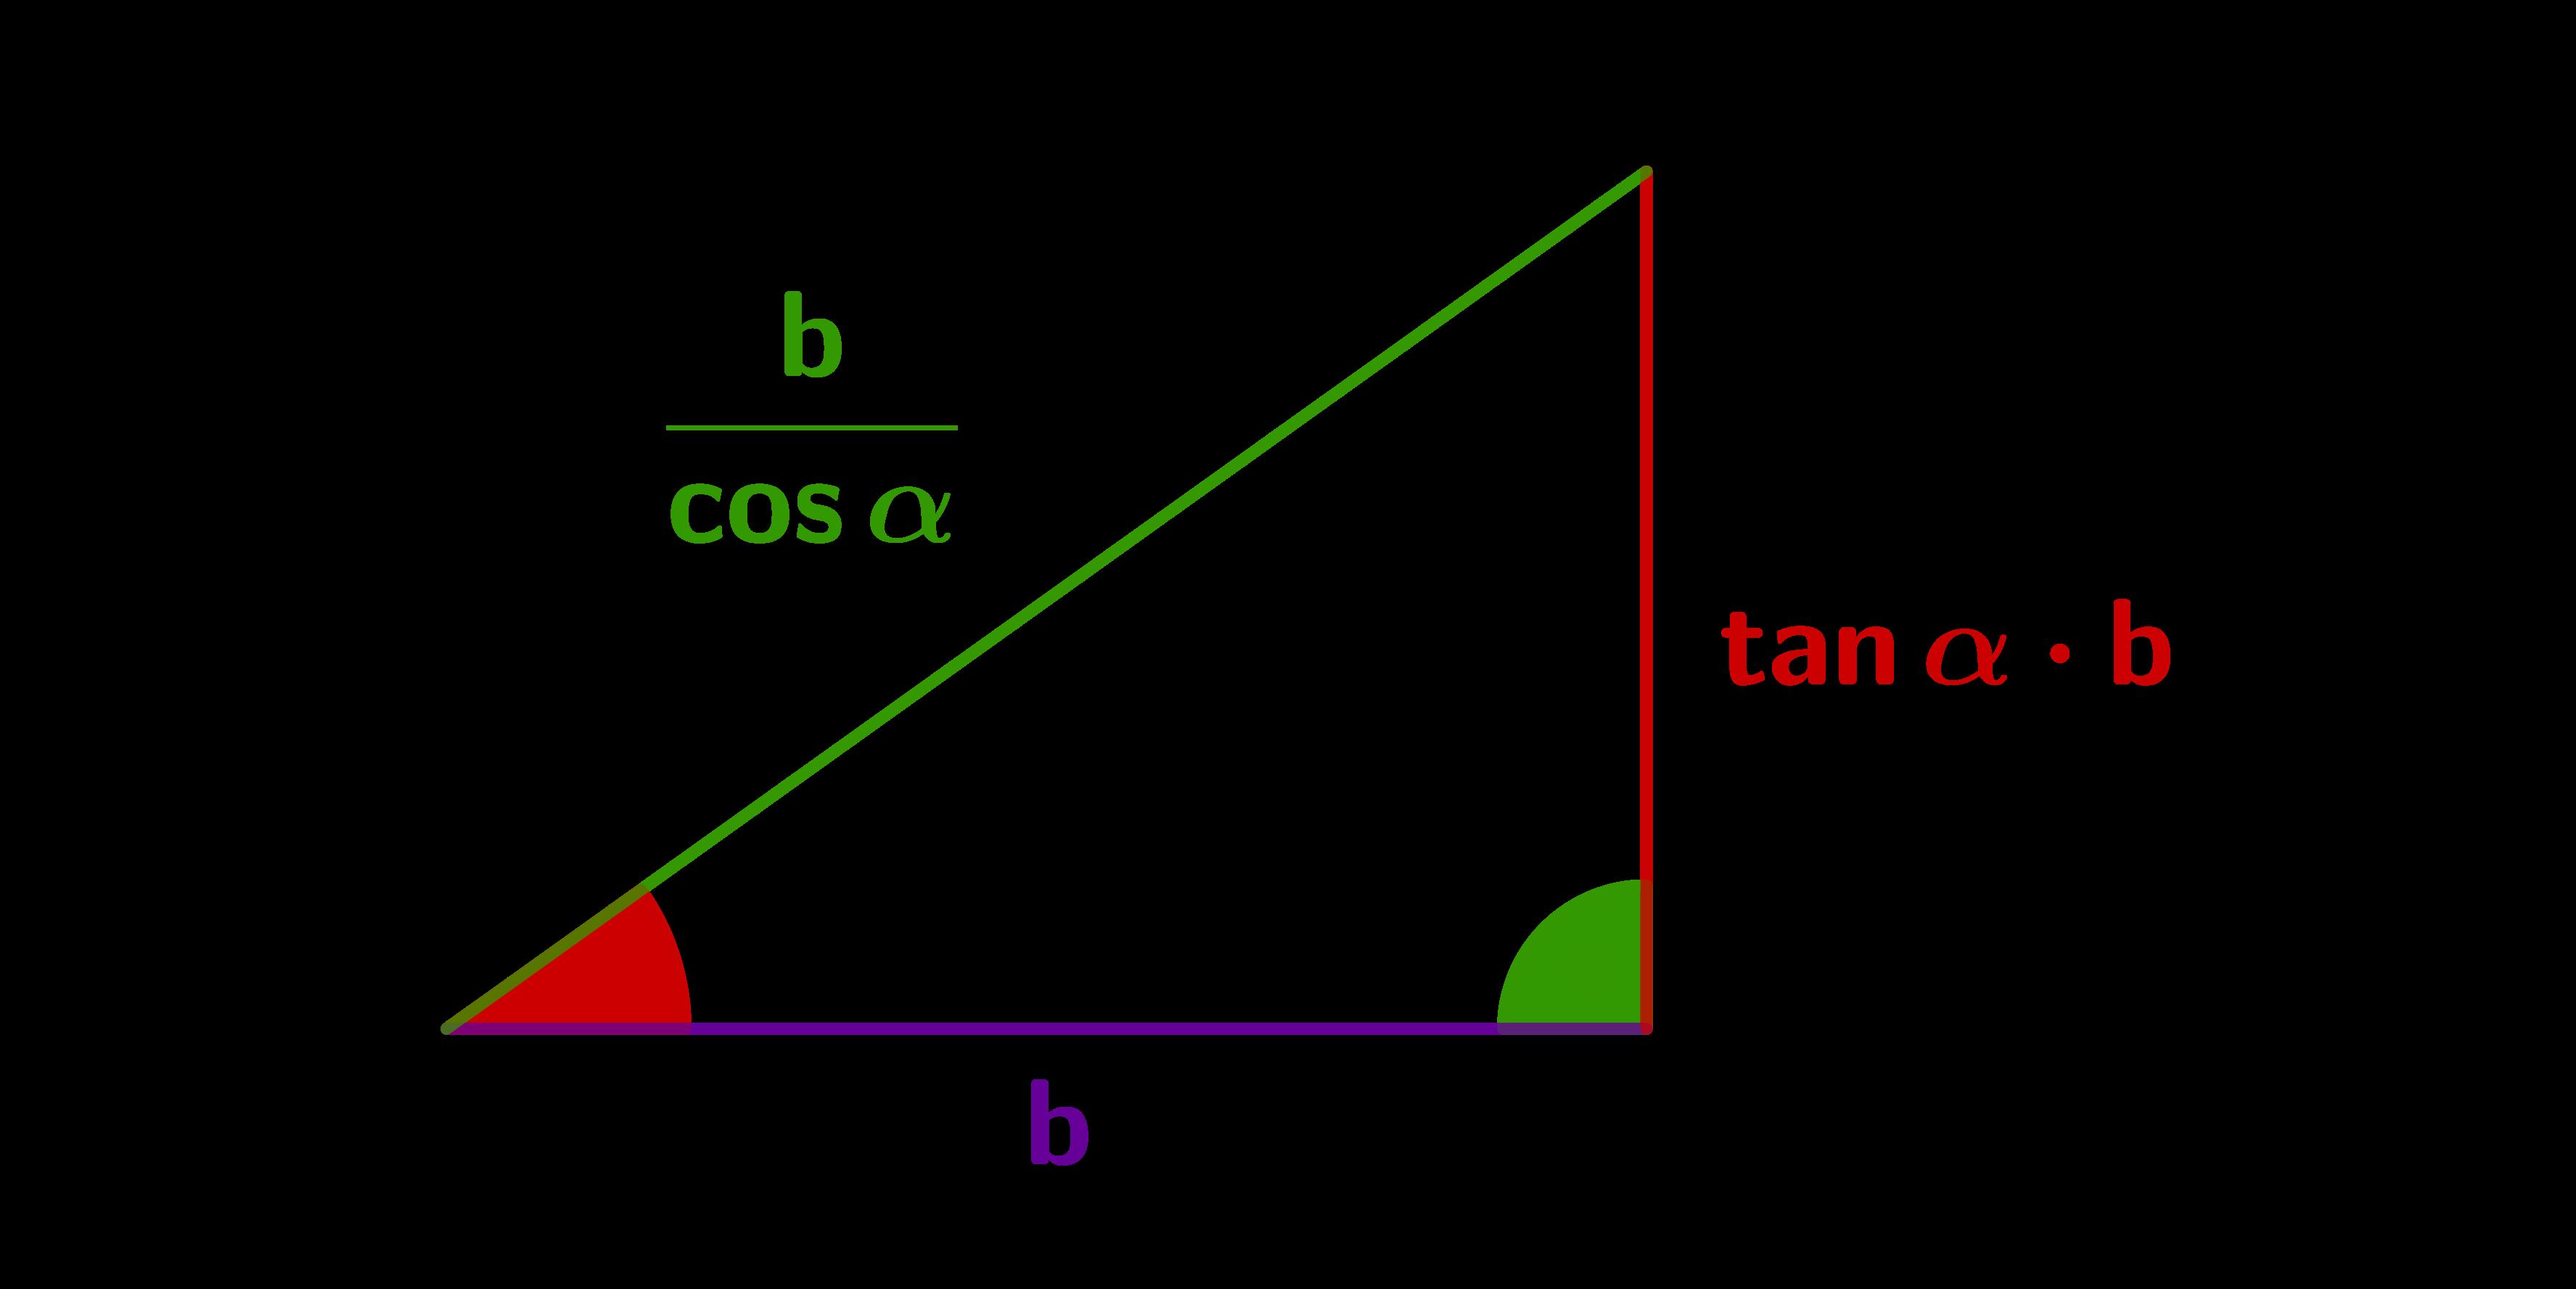 rechtwinkliges Dreieck - Ankathete durch cos alpha, Ankathete mal tan alpha, Ankathete